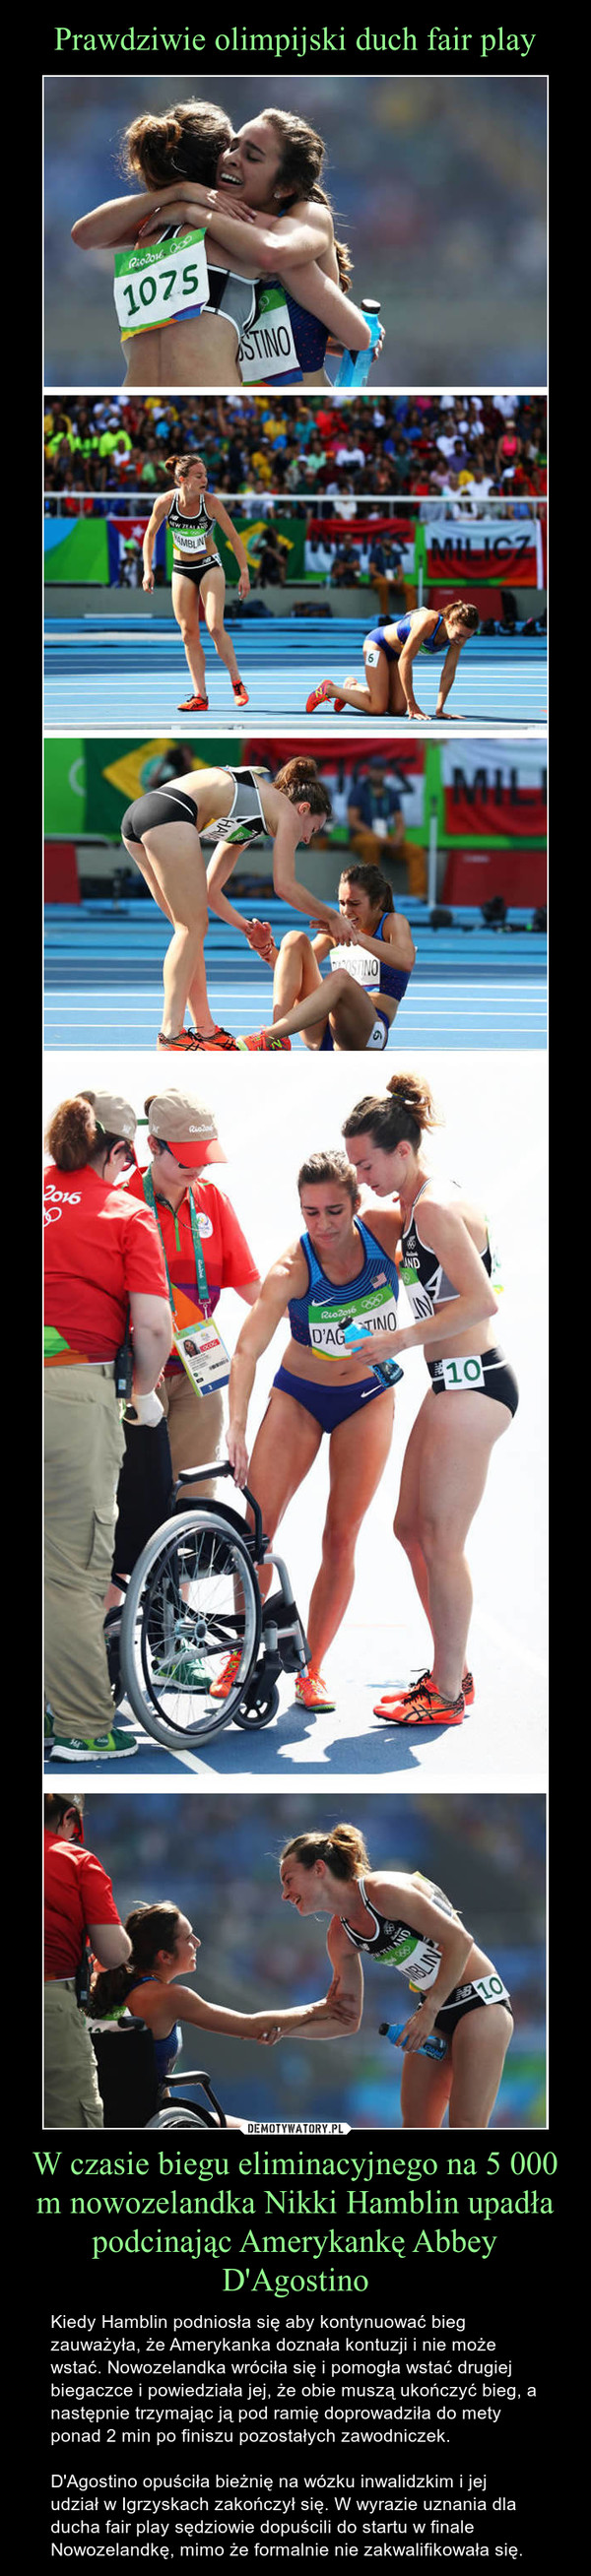 W czasie biegu eliminacyjnego na 5 000 m nowozelandka Nikki Hamblin upadła podcinając Amerykankę Abbey D'Agostino – Kiedy Hamblin podniosła się aby kontynuować bieg zauważyła, że Amerykanka doznała kontuzji i nie może wstać. Nowozelandka wróciła się i pomogła wstać drugiej biegaczce i powiedziała jej, że obie muszą ukończyć bieg, a następnie trzymając ją pod ramię doprowadziła do mety ponad 2 min po finiszu pozostałych zawodniczek.D'Agostino opuściła bieżnię na wózku inwalidzkim i jej udział w Igrzyskach zakończył się. W wyrazie uznania dla ducha fair play sędziowie dopuścili do startu w finale Nowozelandkę, mimo że formalnie nie zakwalifikowała się.